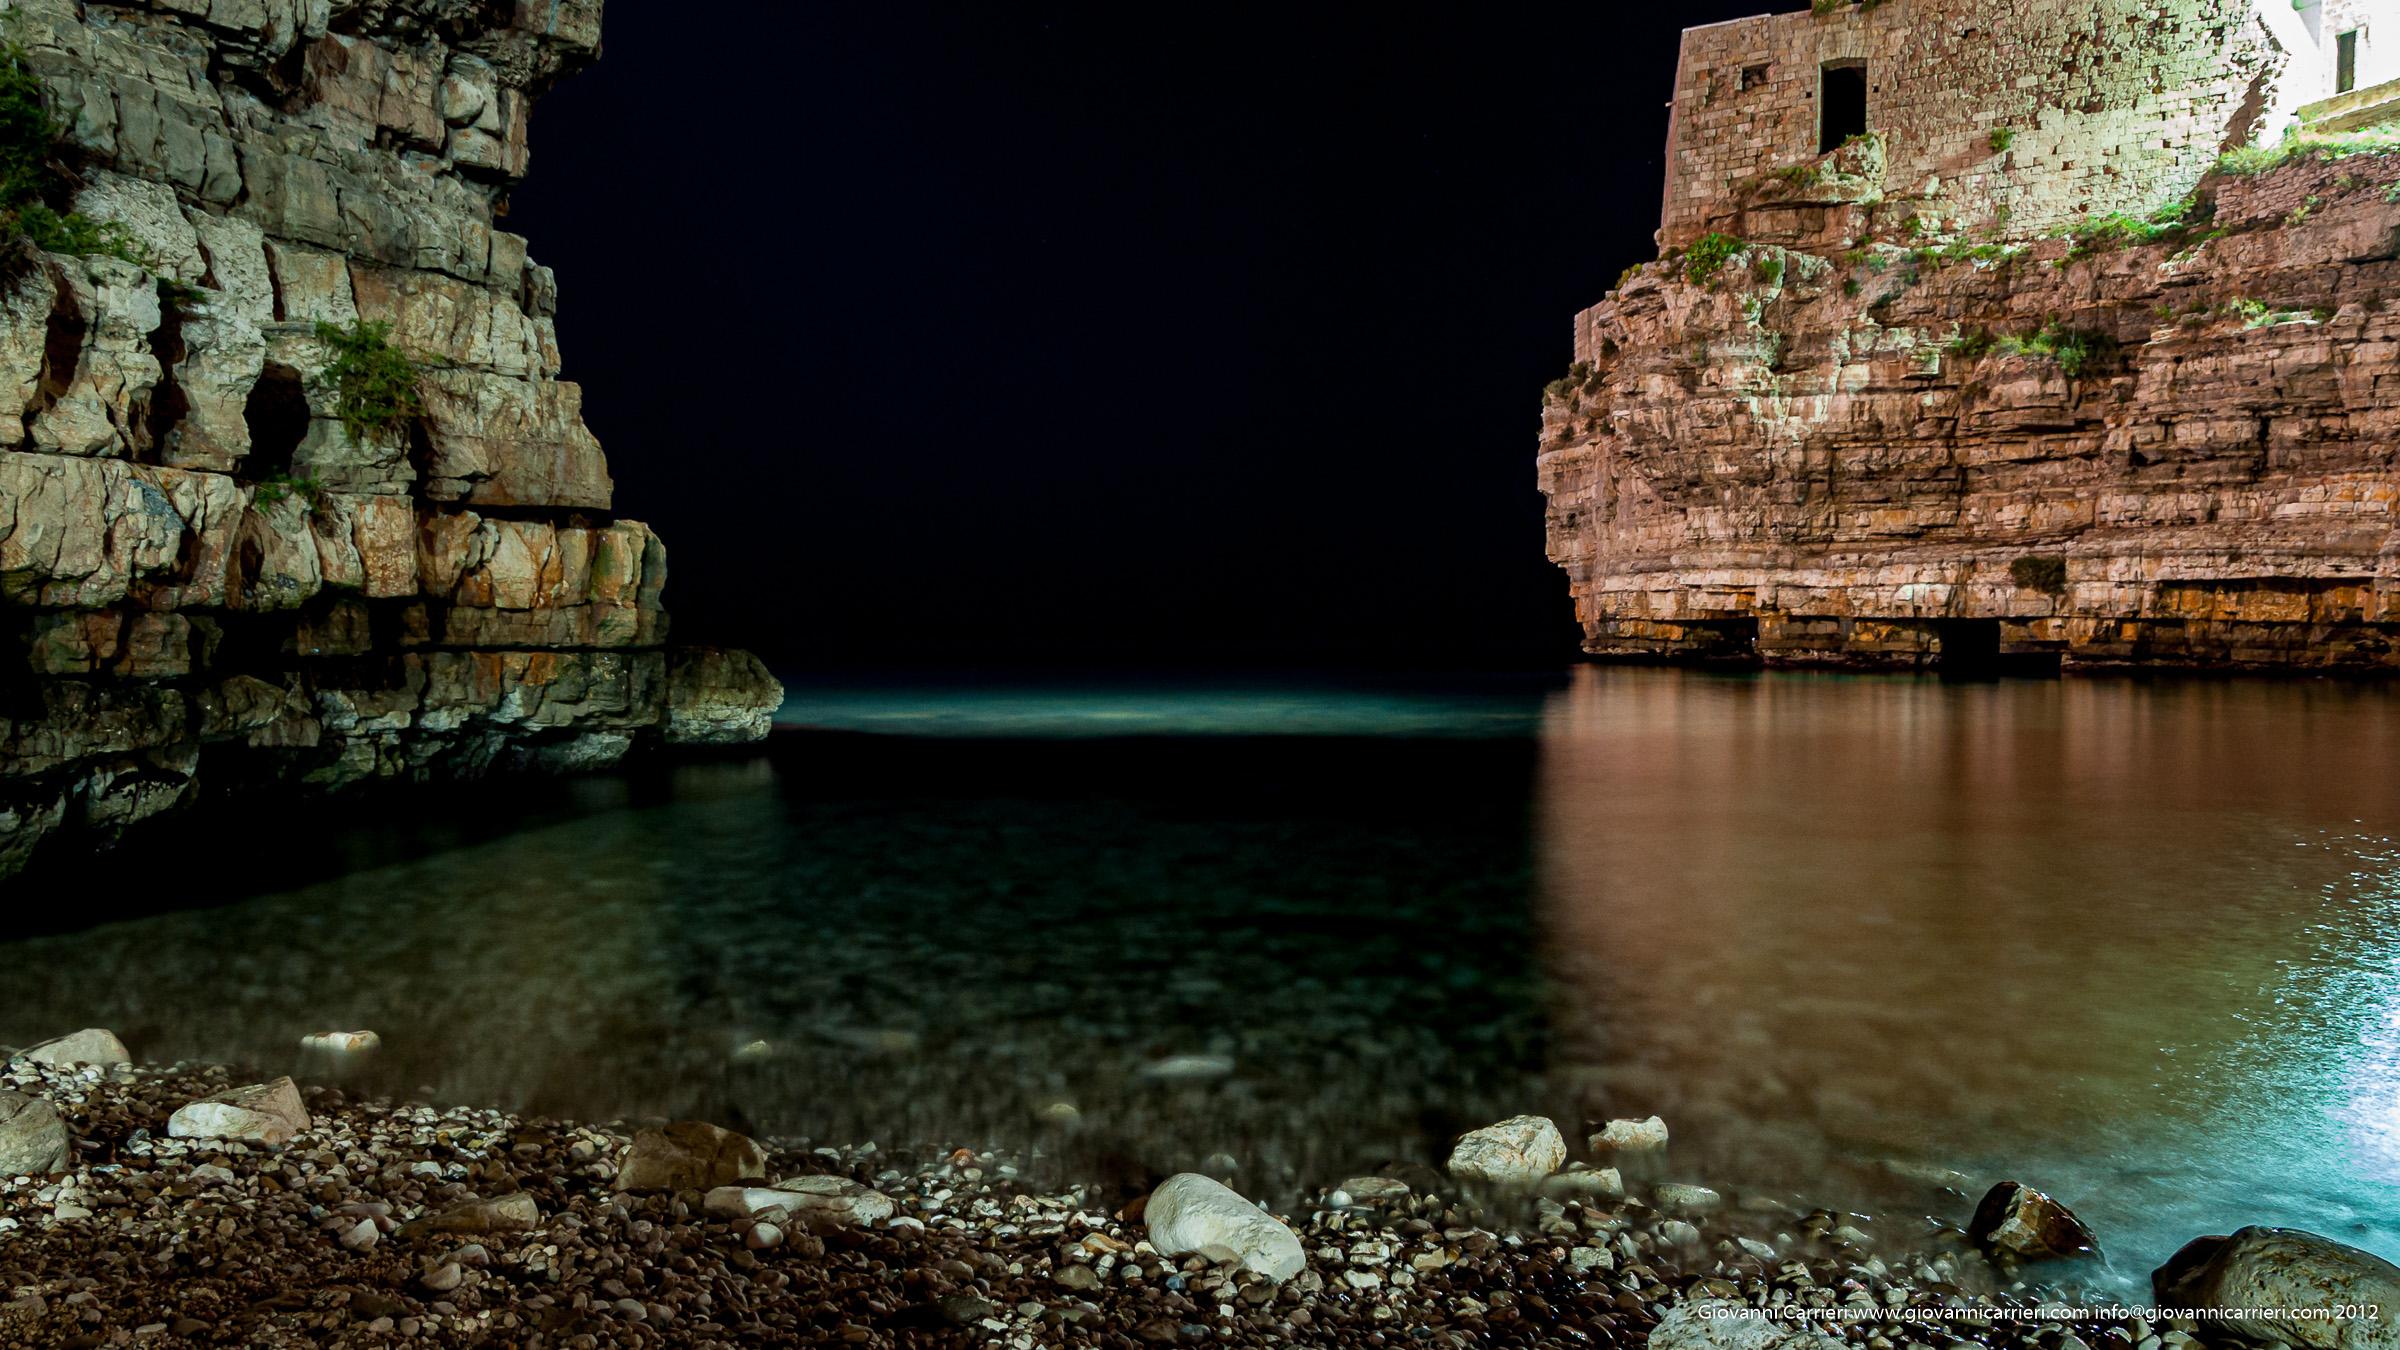 Sogno di una notte di mezza estate, la luna illumina Polignano a mare